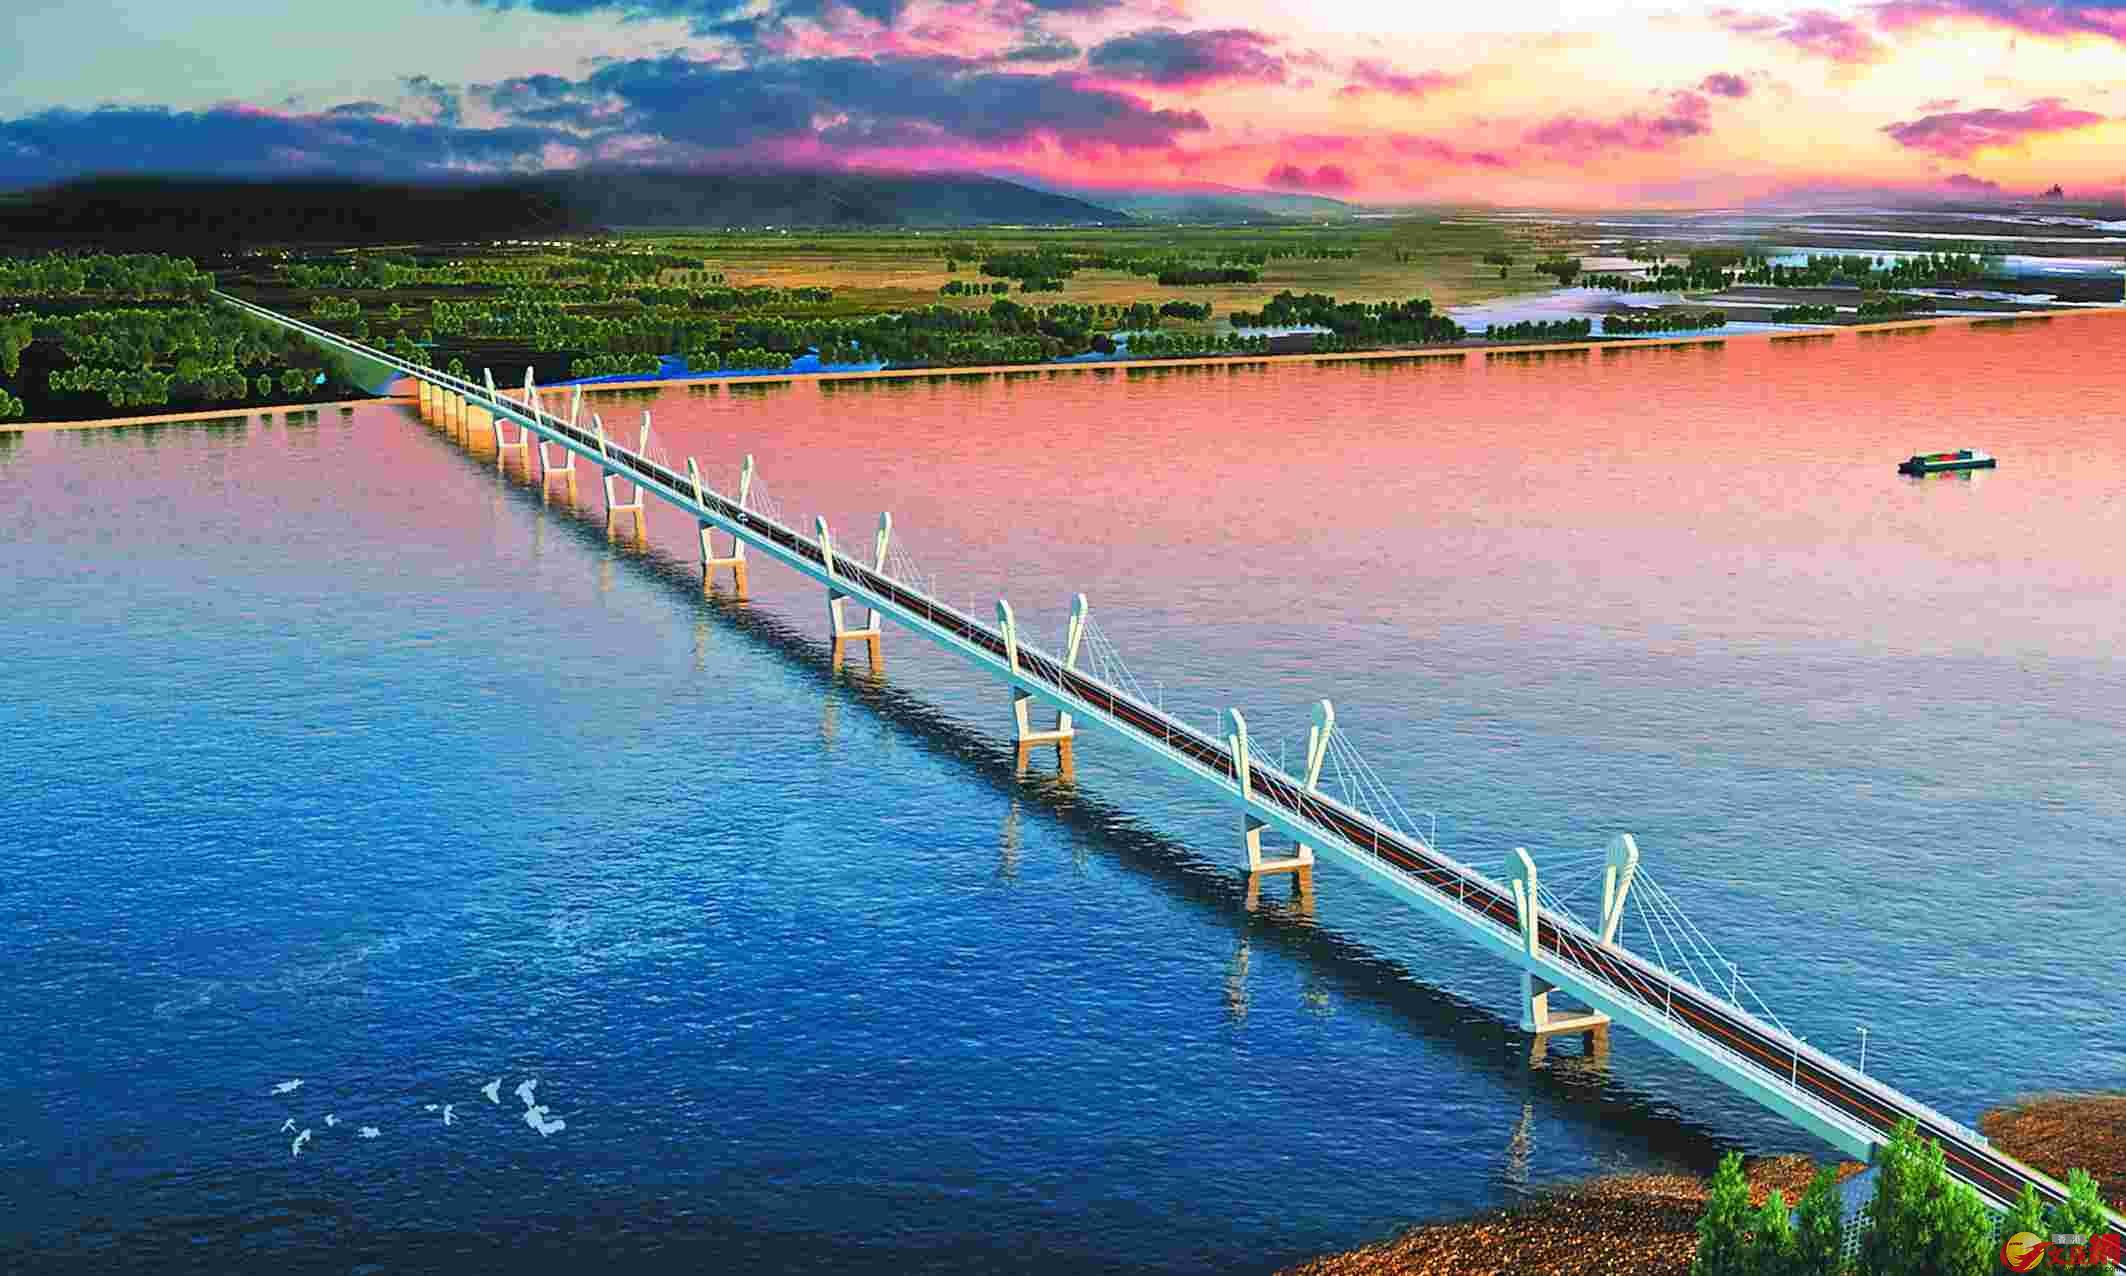 黑龍江(阿穆爾河)大橋設計富有現代感,橋型新穎。